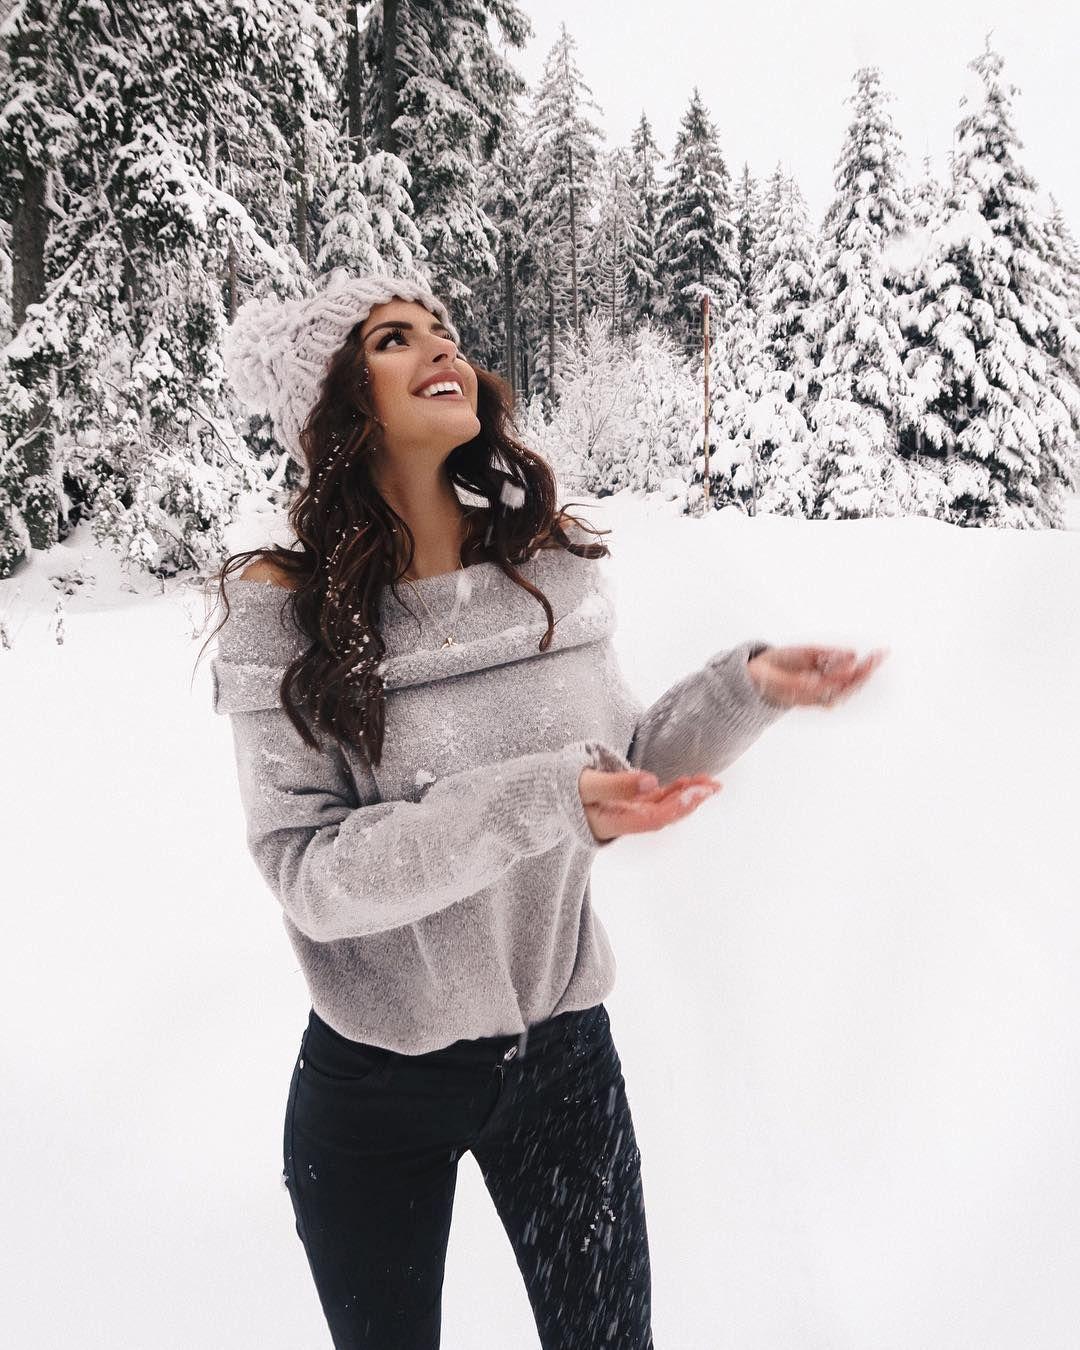 """Sarah 🦋 on Instagram: """"Oh was ich für Schnee wieder geben würde ❄️❄️ bin einfach total happy wenn alles weiß ist und vor allem an Weihnachten! Ich bin nun…"""""""